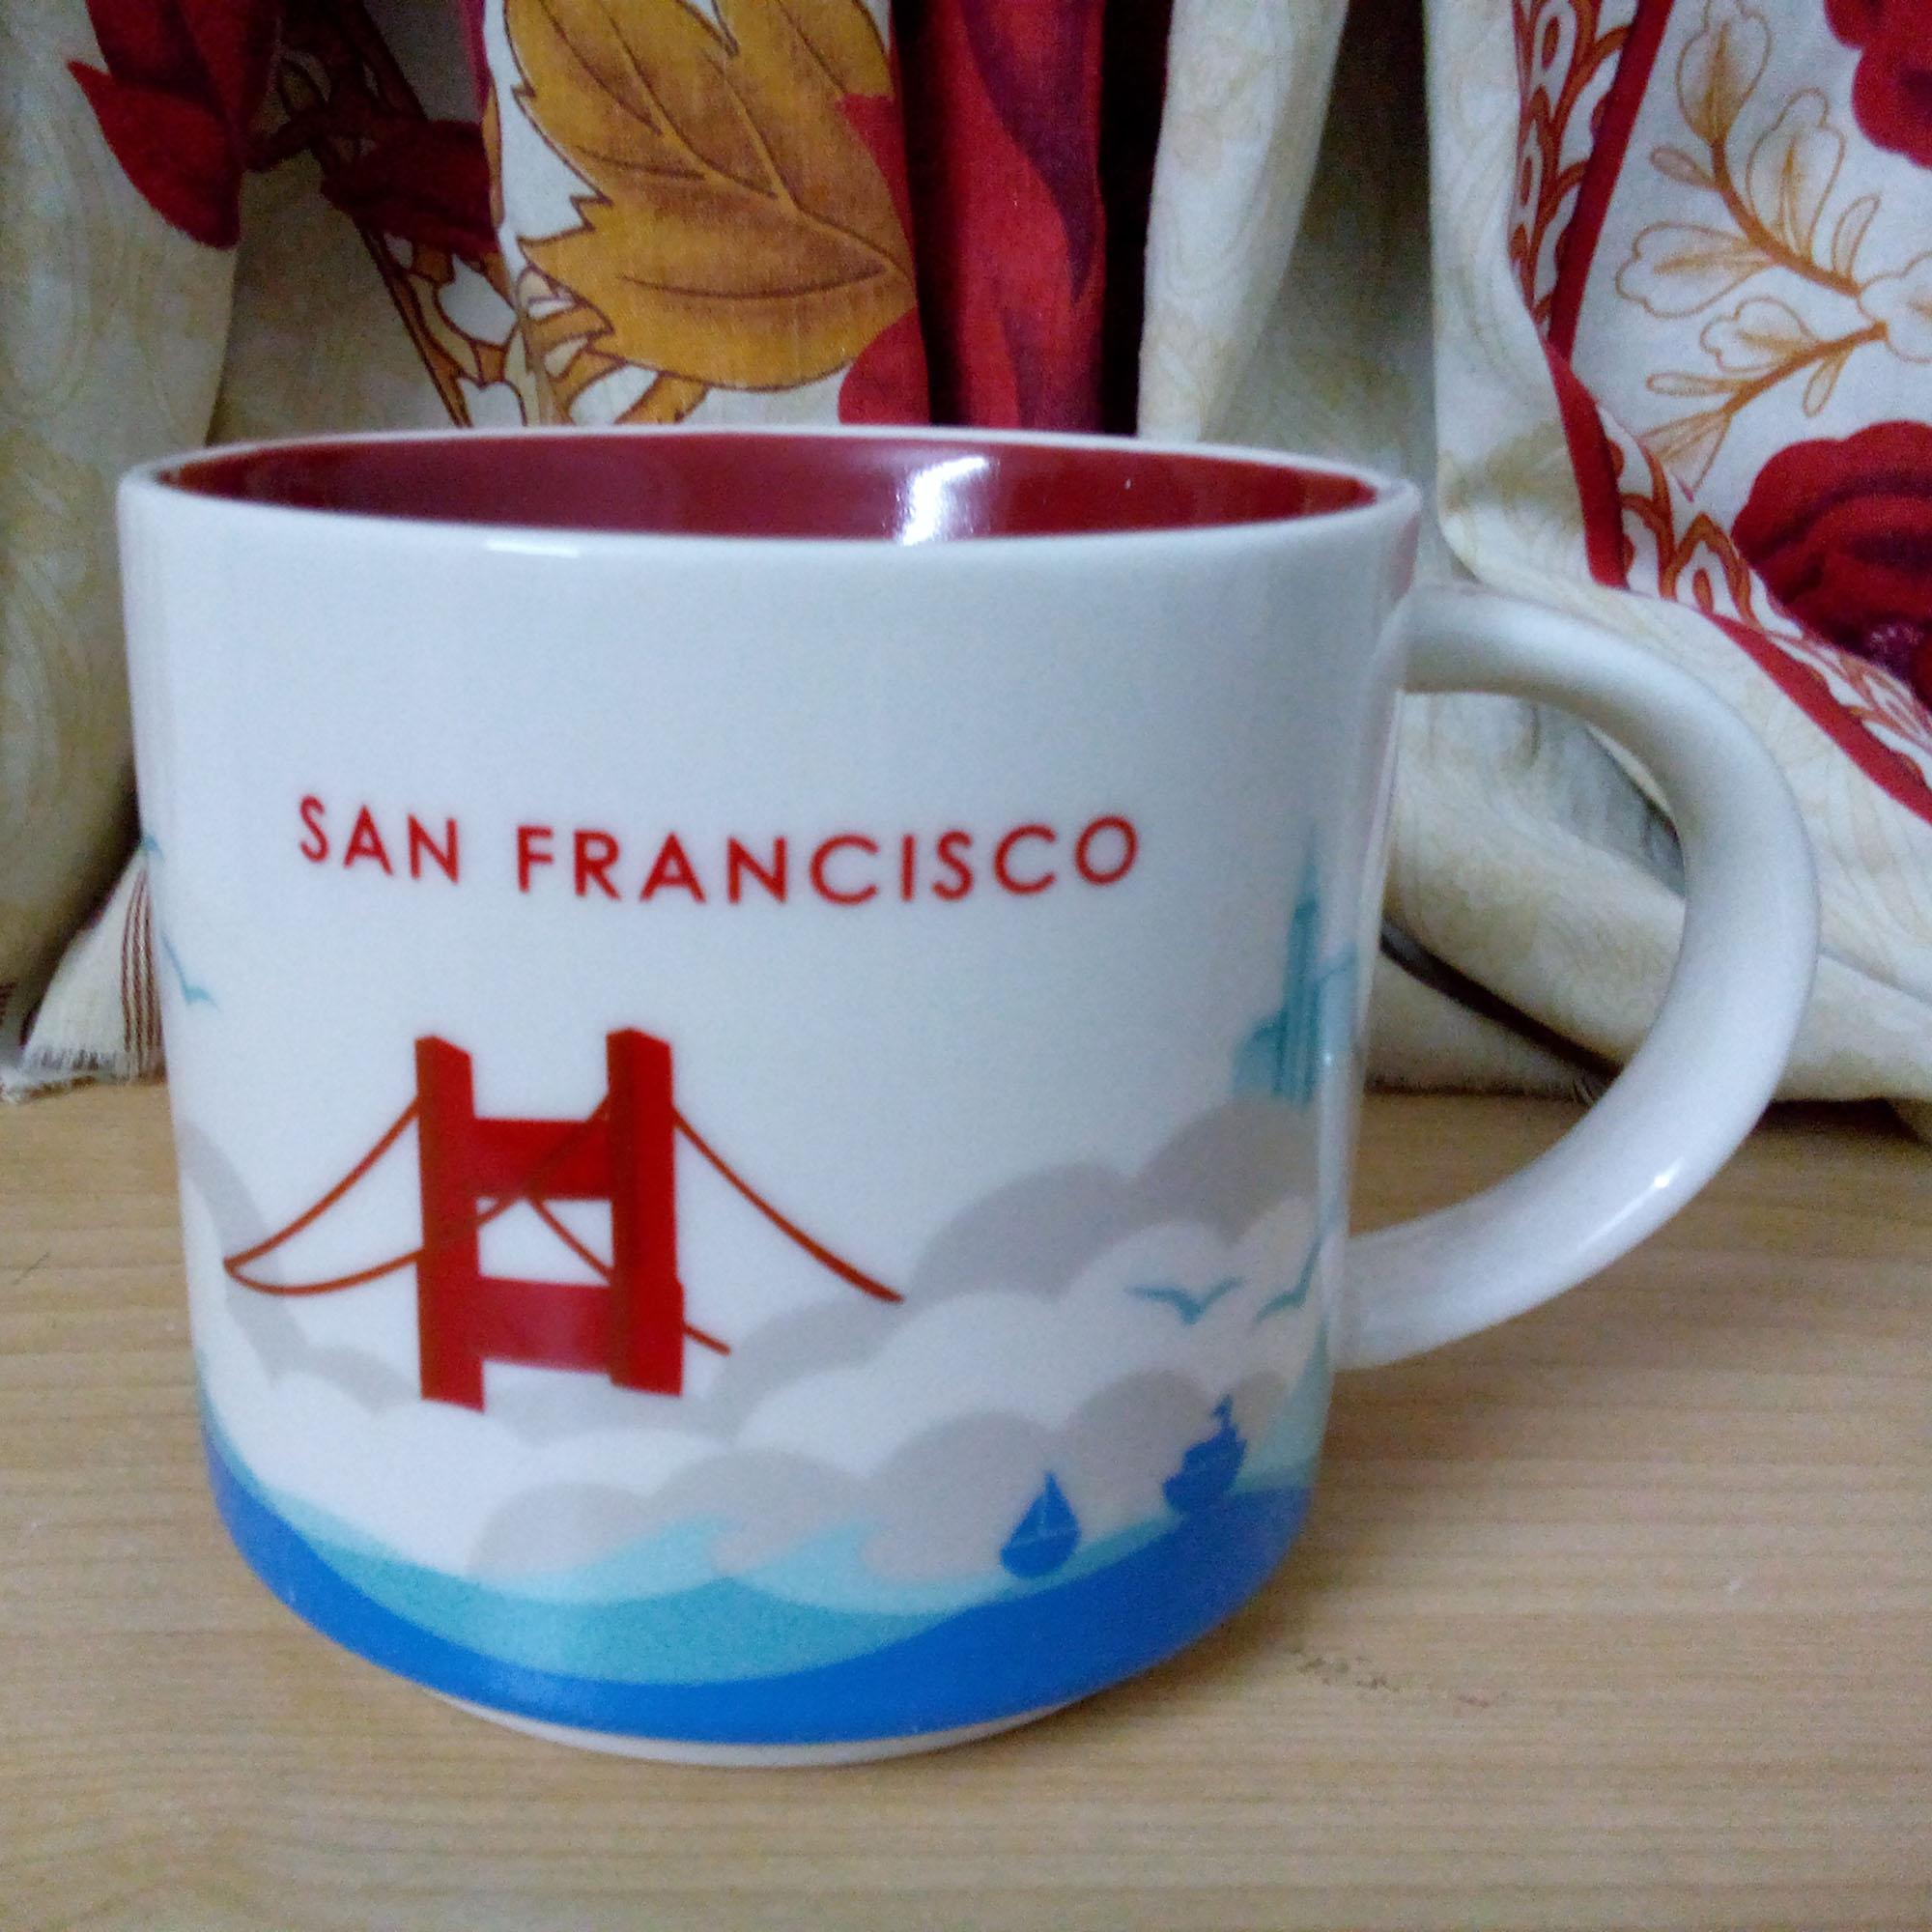 14 oz Kapasitesi Seramik İl Mug Amerikan Şehirler En İyi Kahve Mug San Francisco City